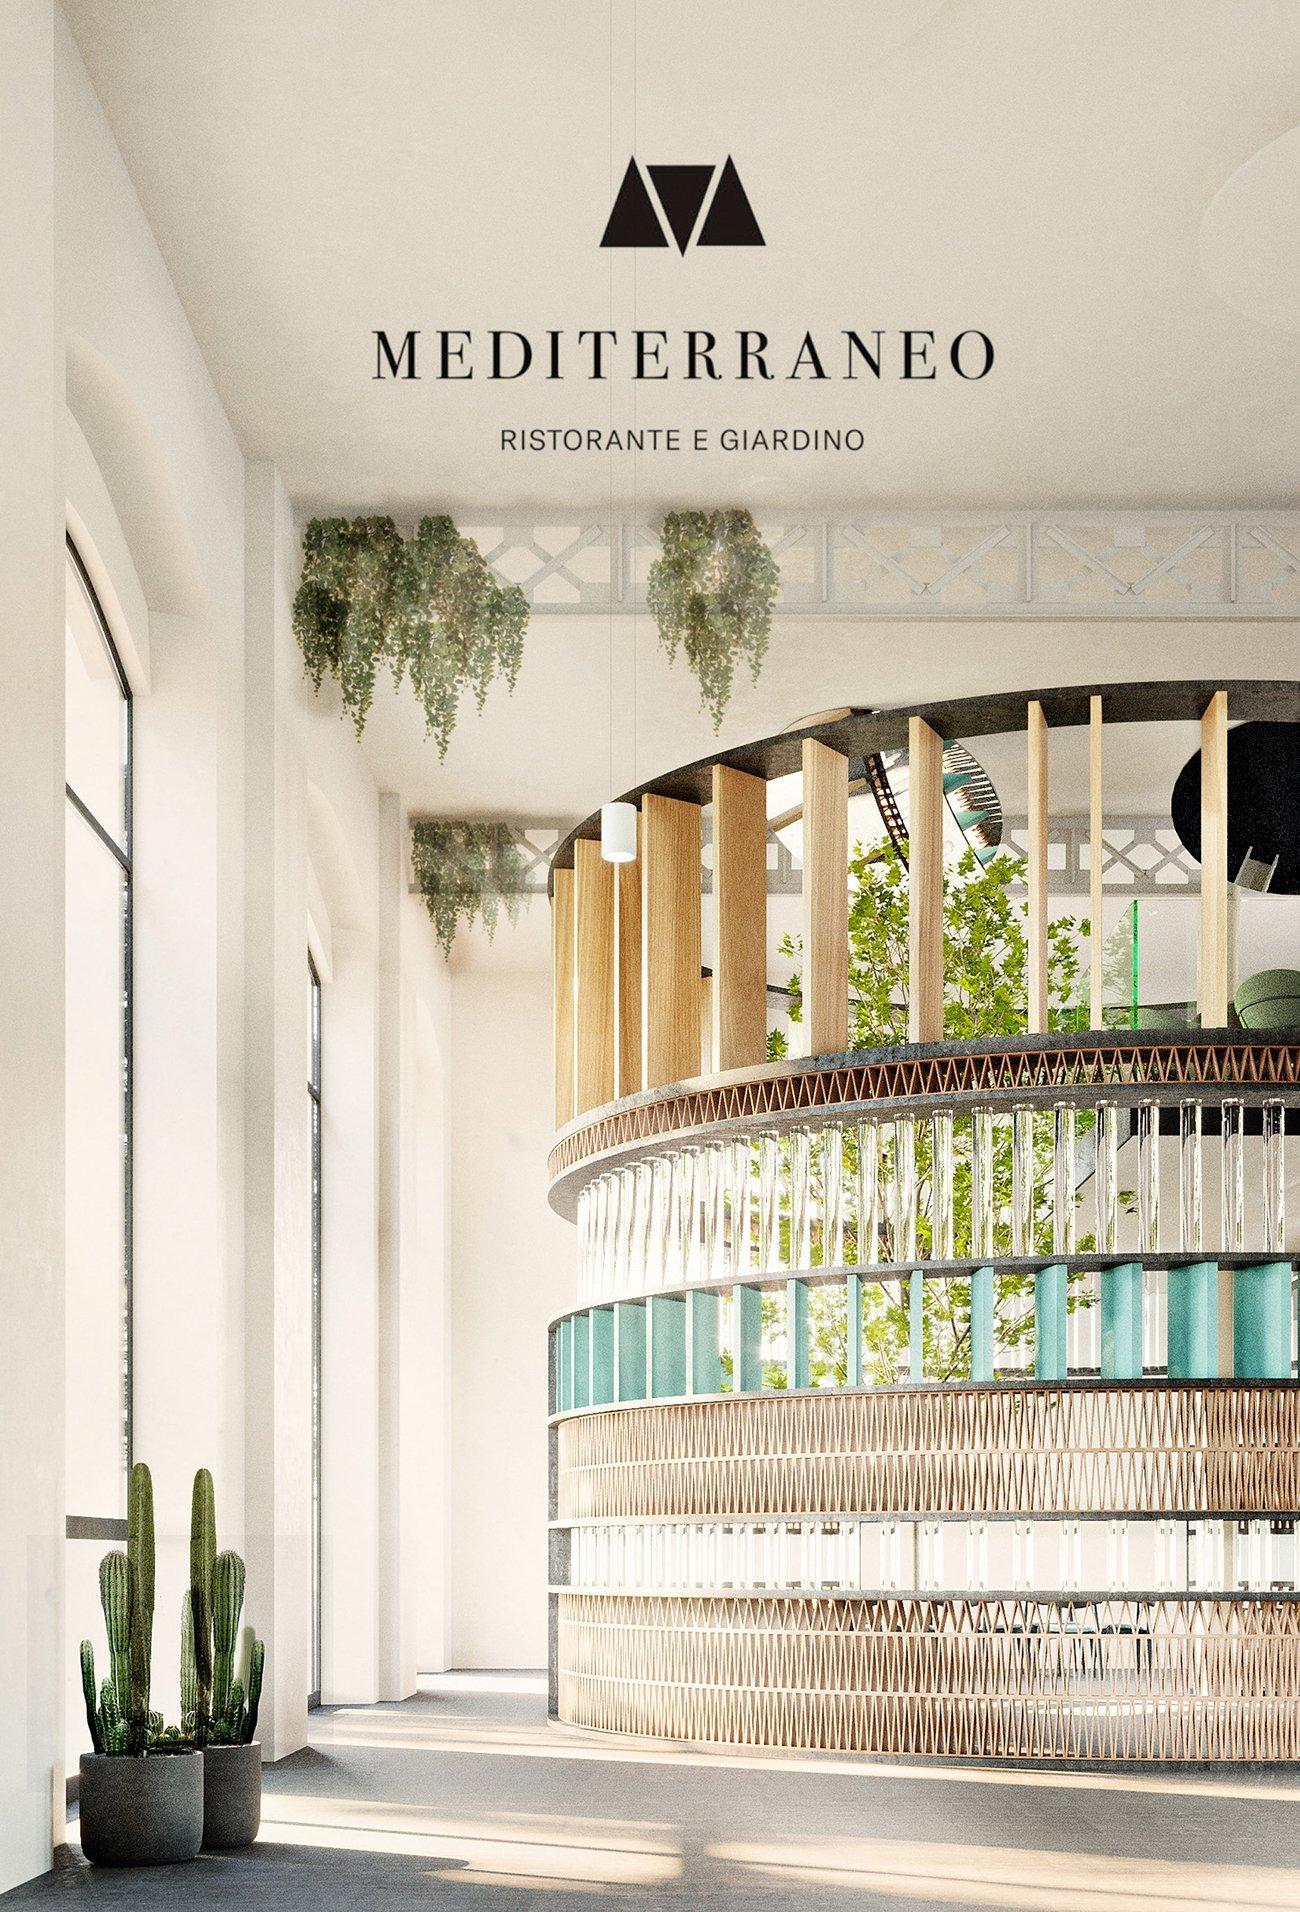 arredamento mediterraneo ristorante MAXXI